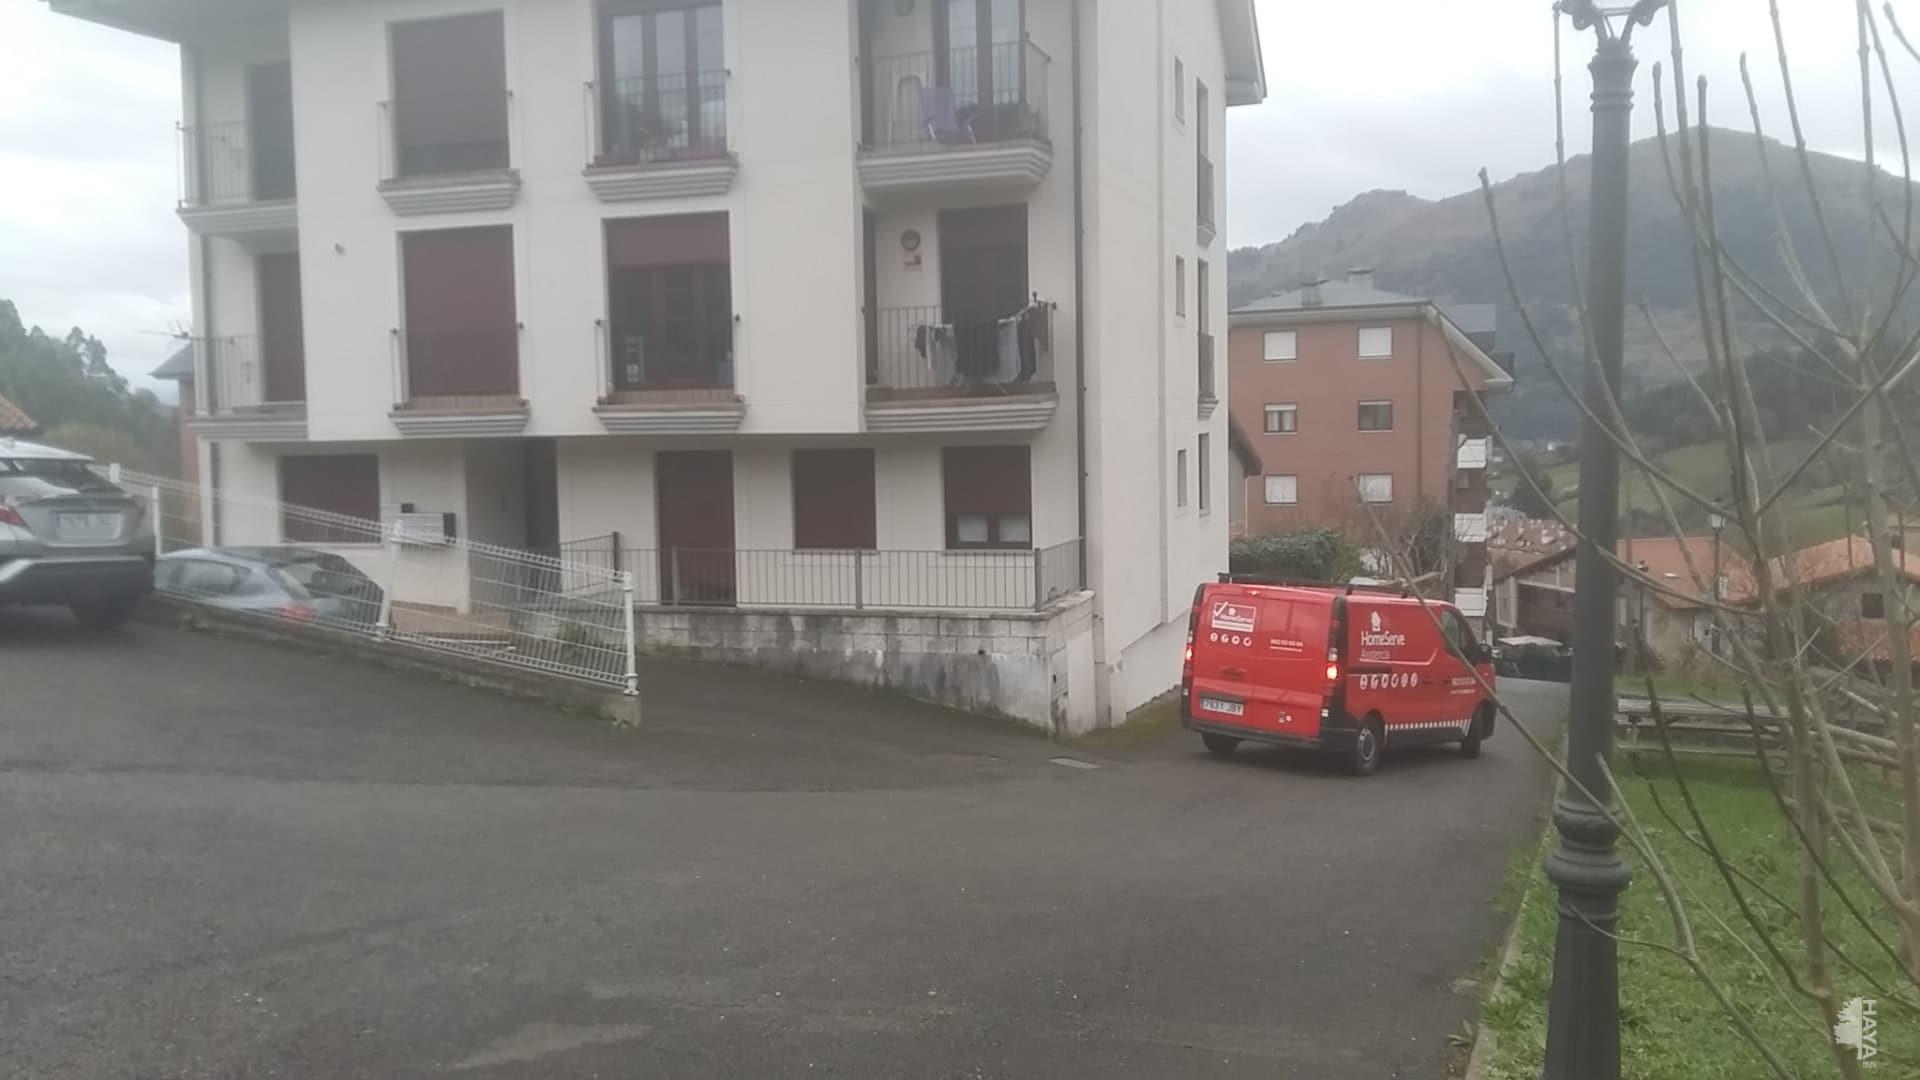 Piso en venta en Limpias, Cantabria, Calle del Canton, 81.000 €, 3 habitaciones, 1 baño, 80 m2